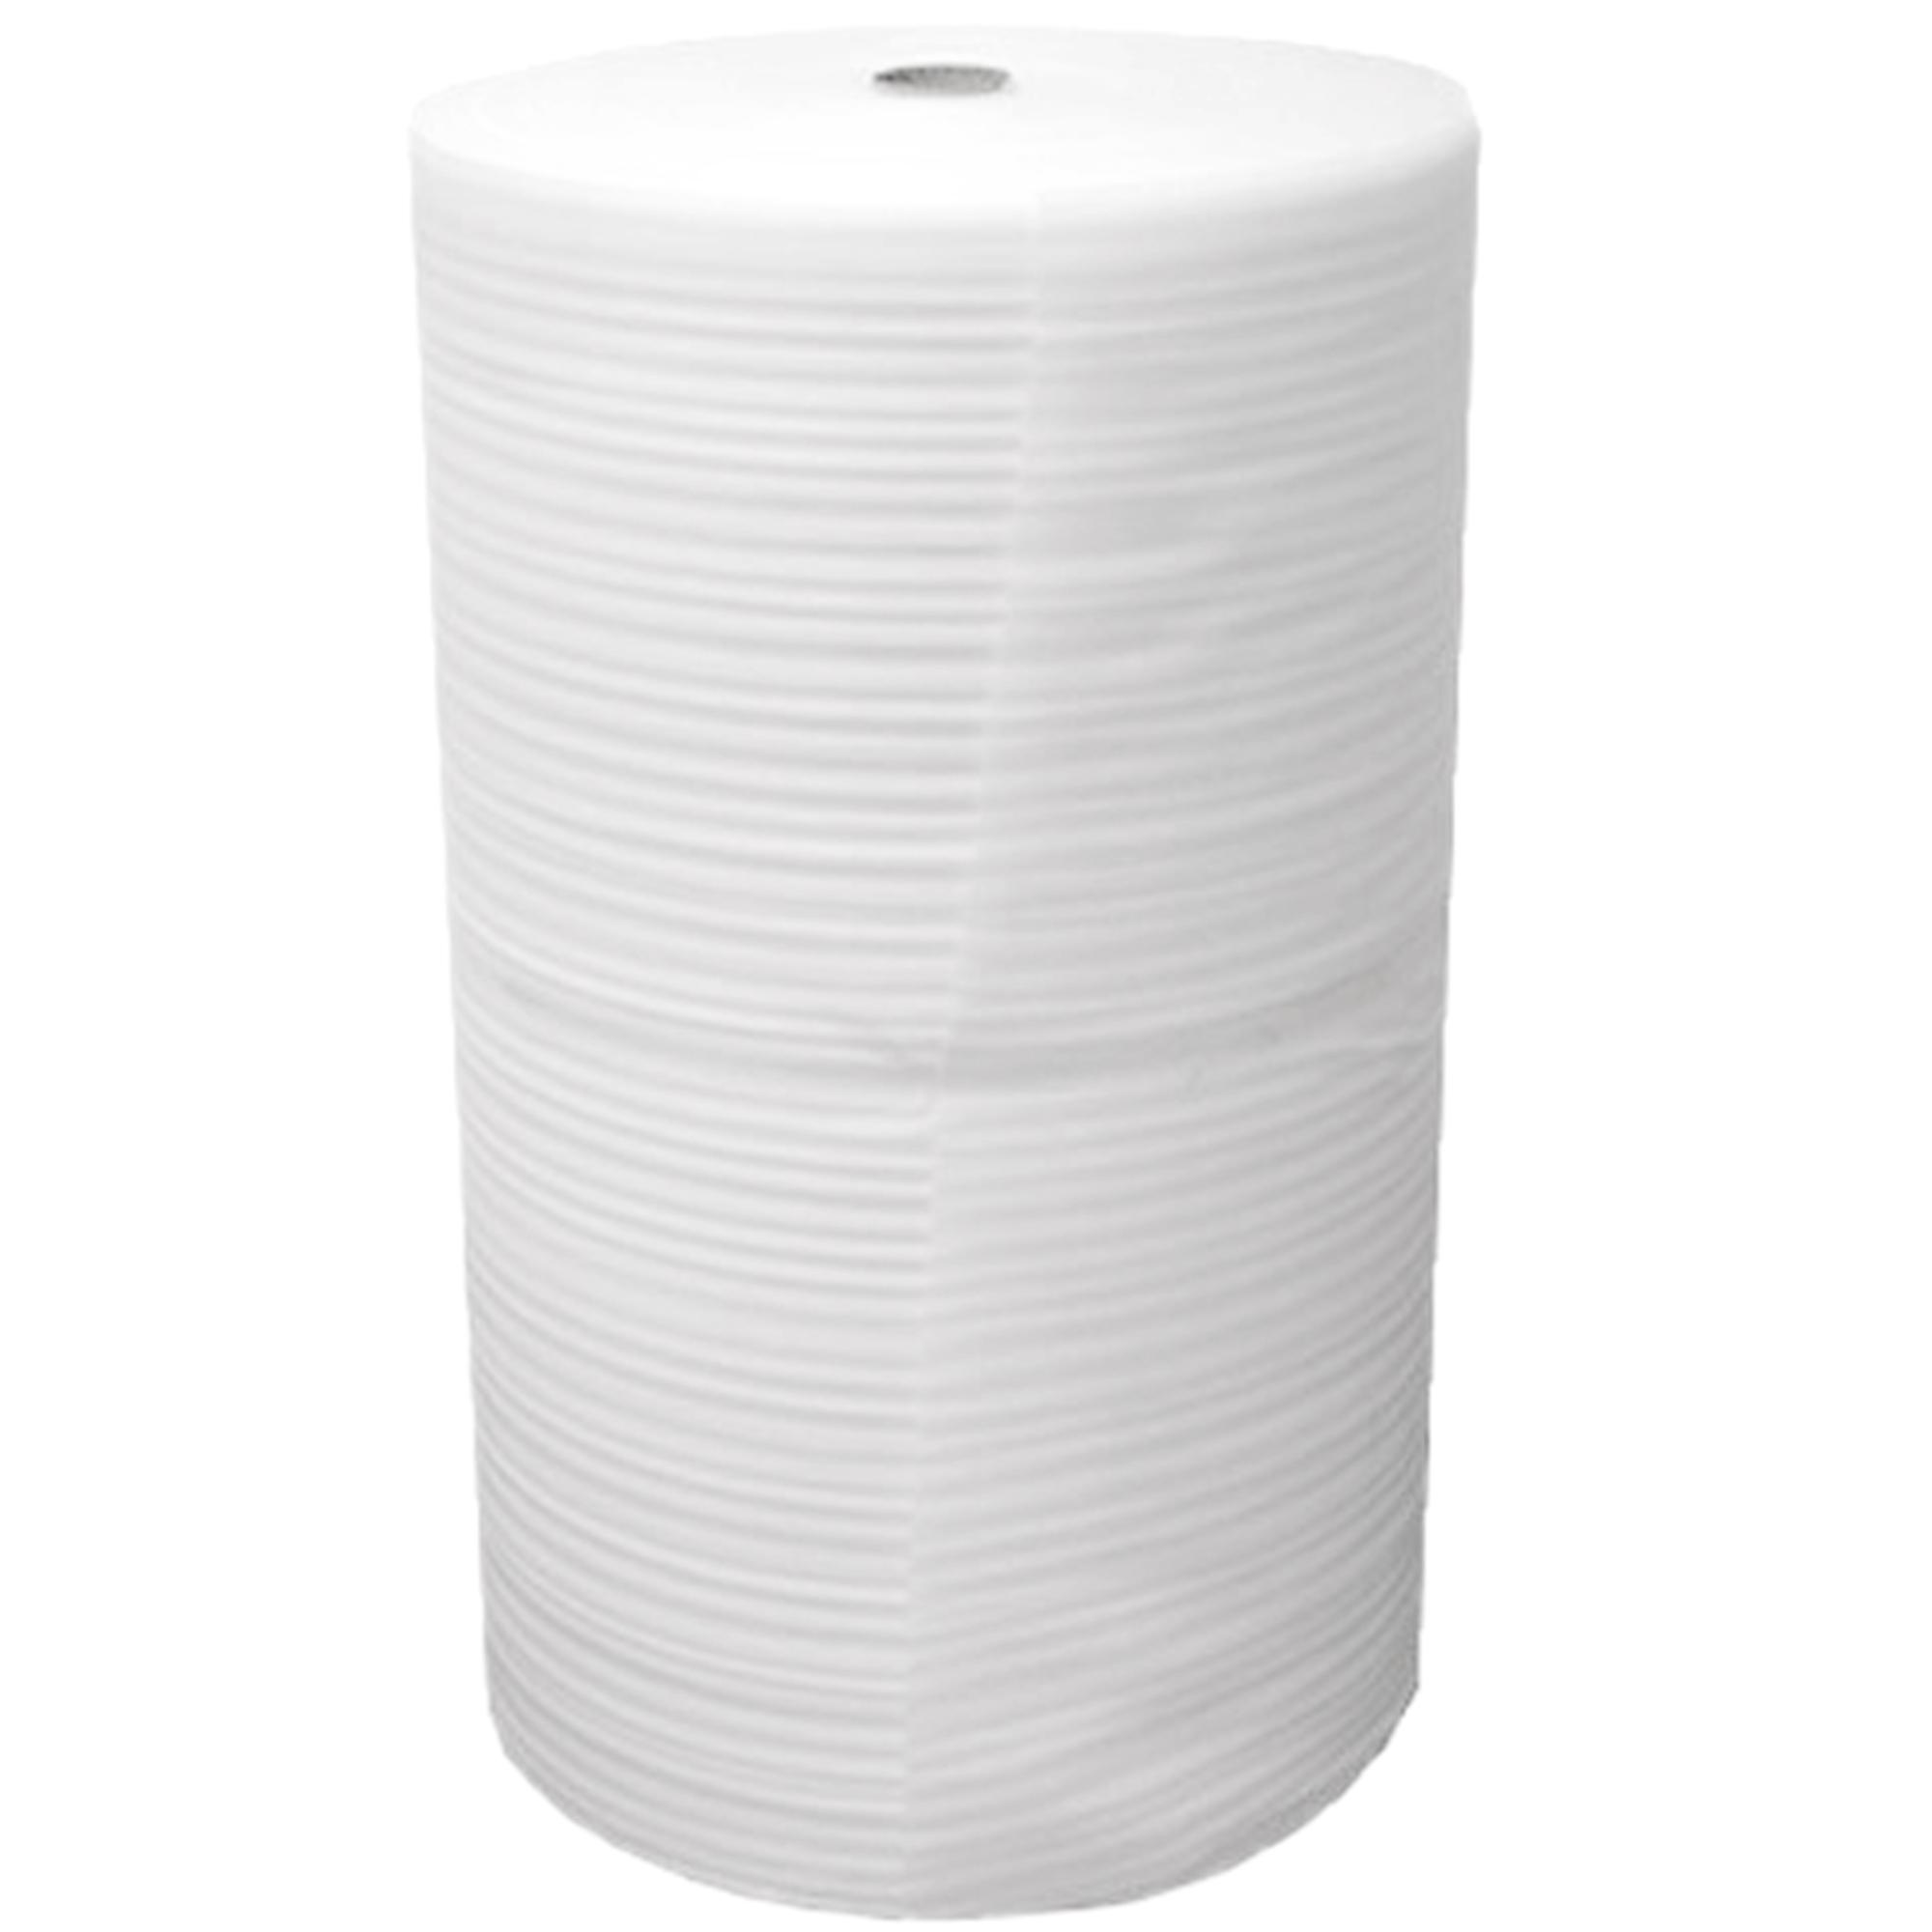 White Foam Roll 750mm x 1mm x 300mtr